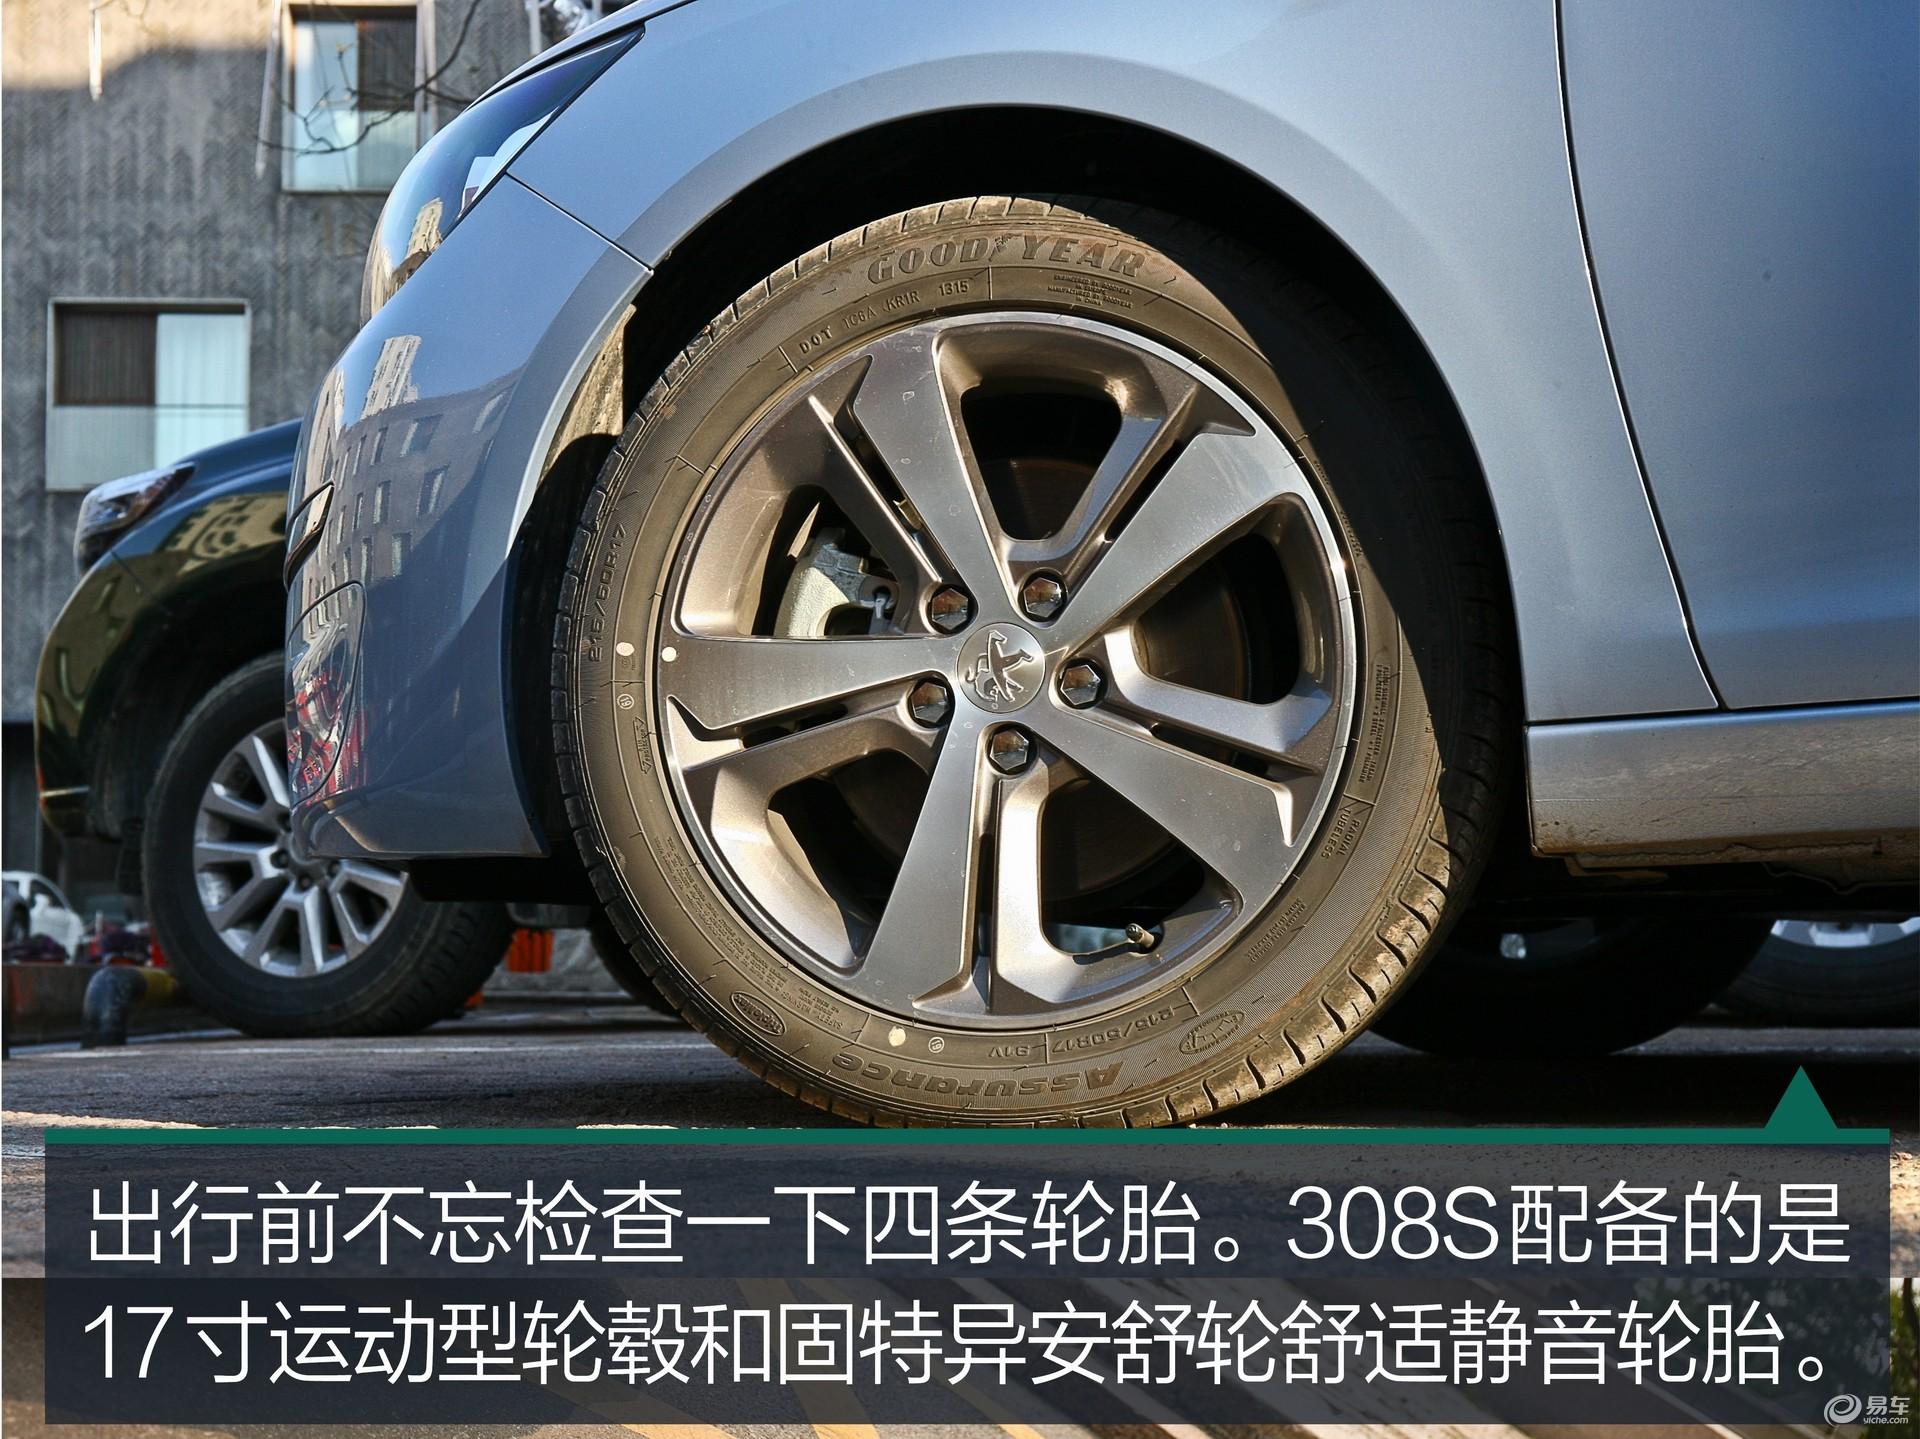 【图文】美女车主驾驶东风标致308s京沪游记